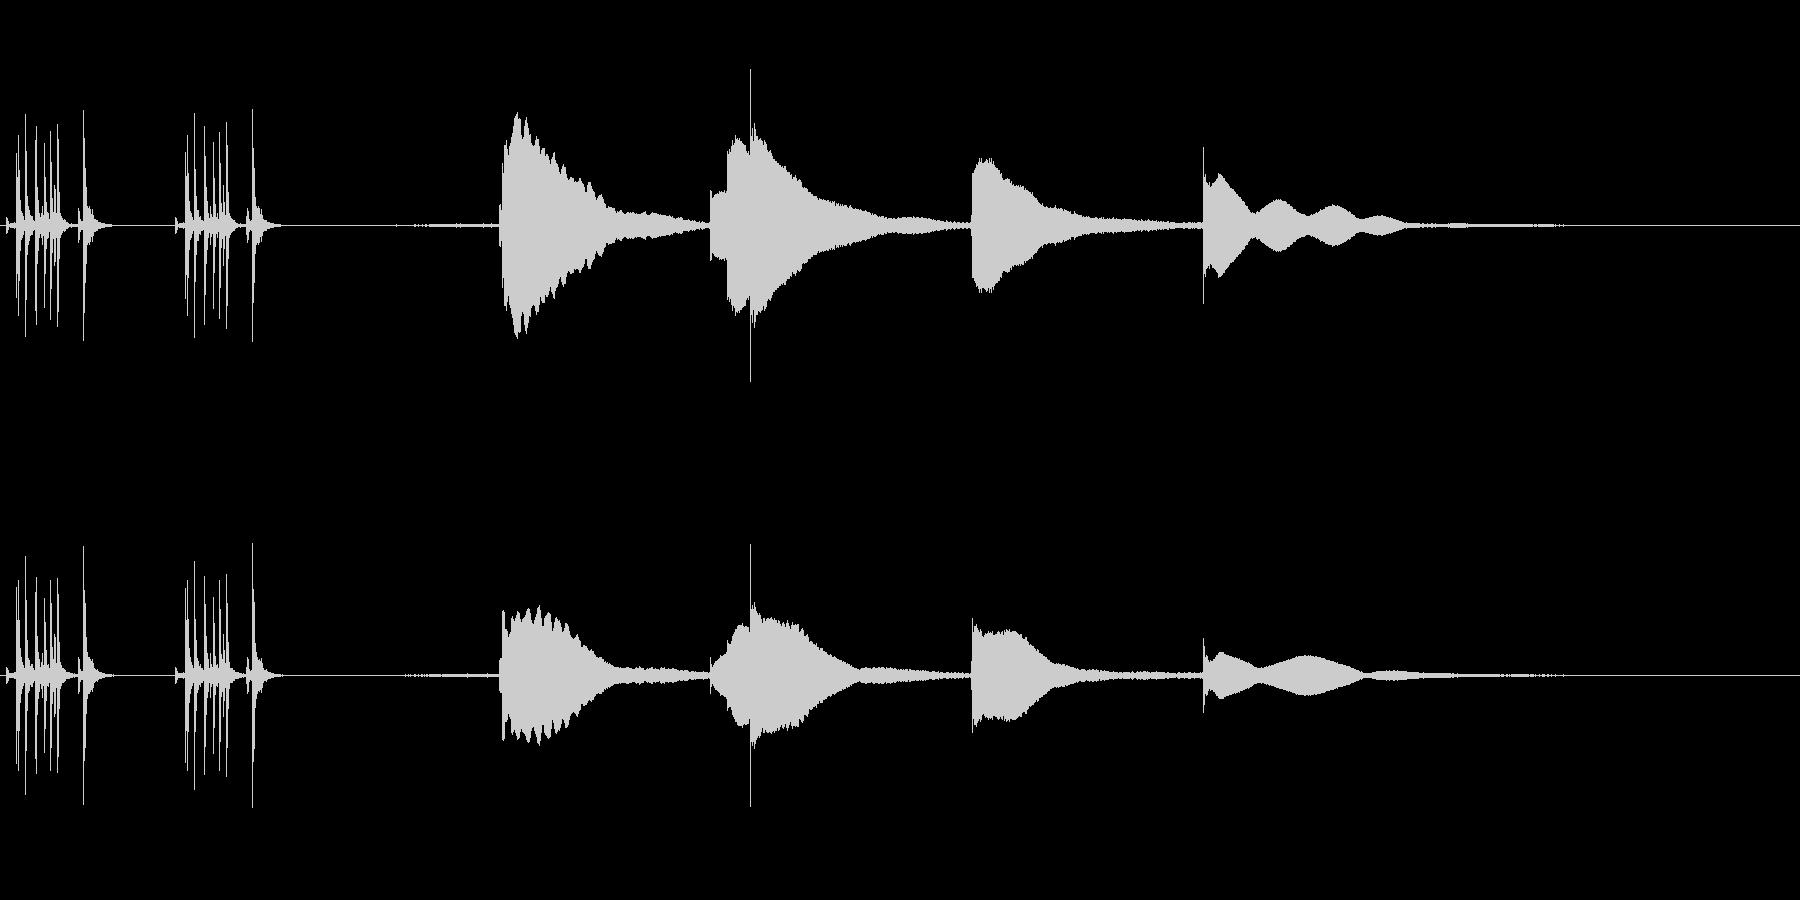 ジングル用オルゴール楽曲07-1の未再生の波形